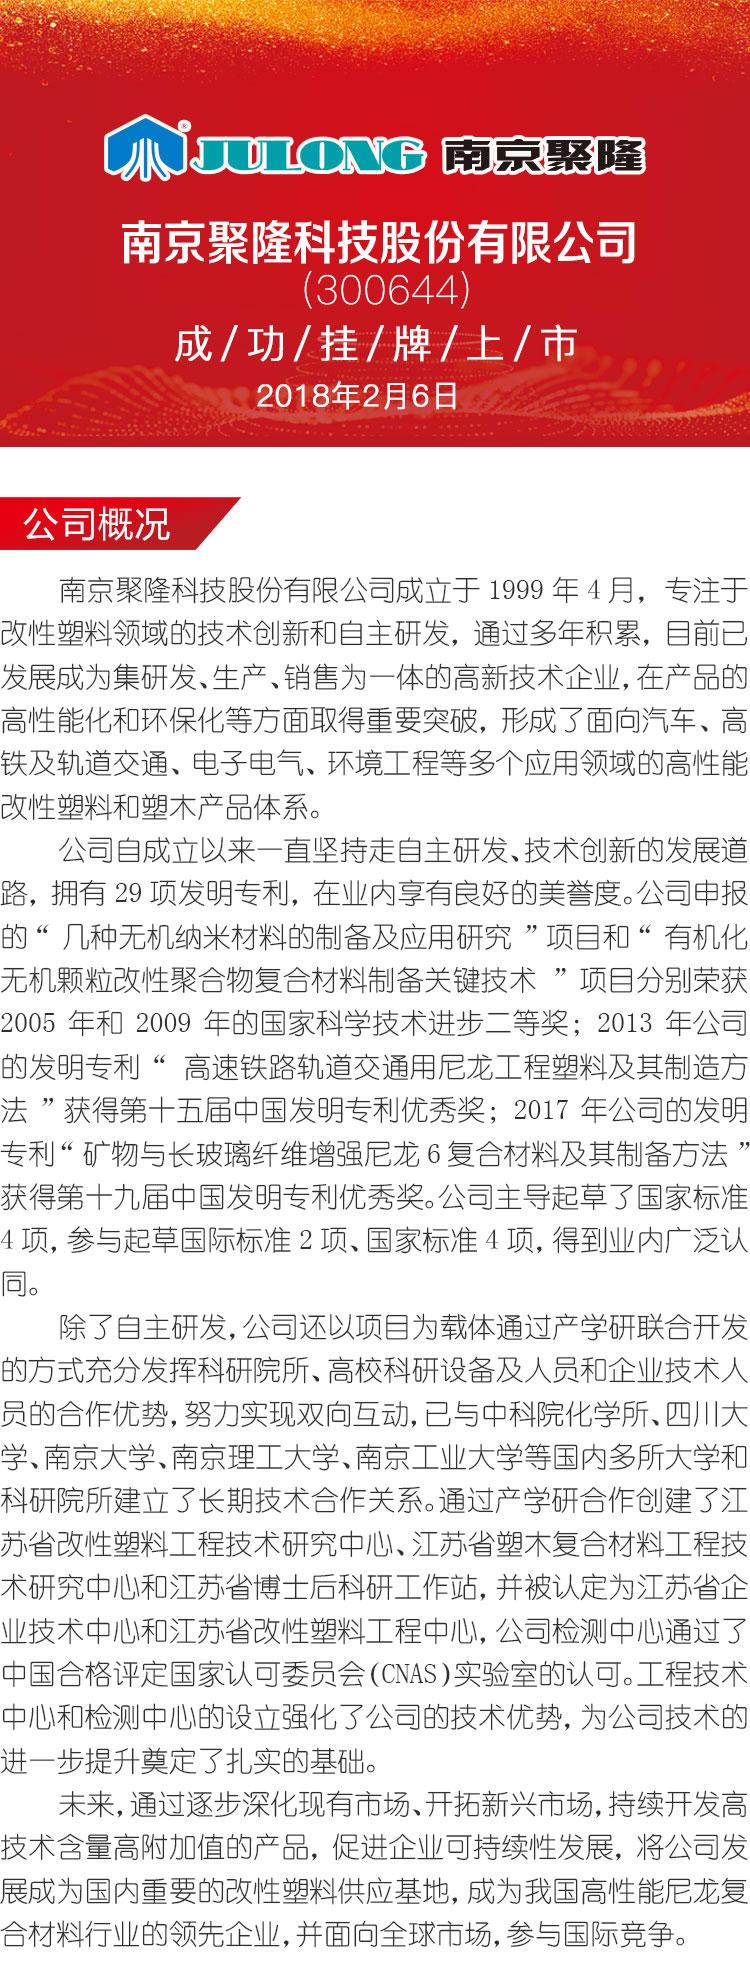 南京聚隆上市海报_01.jpg